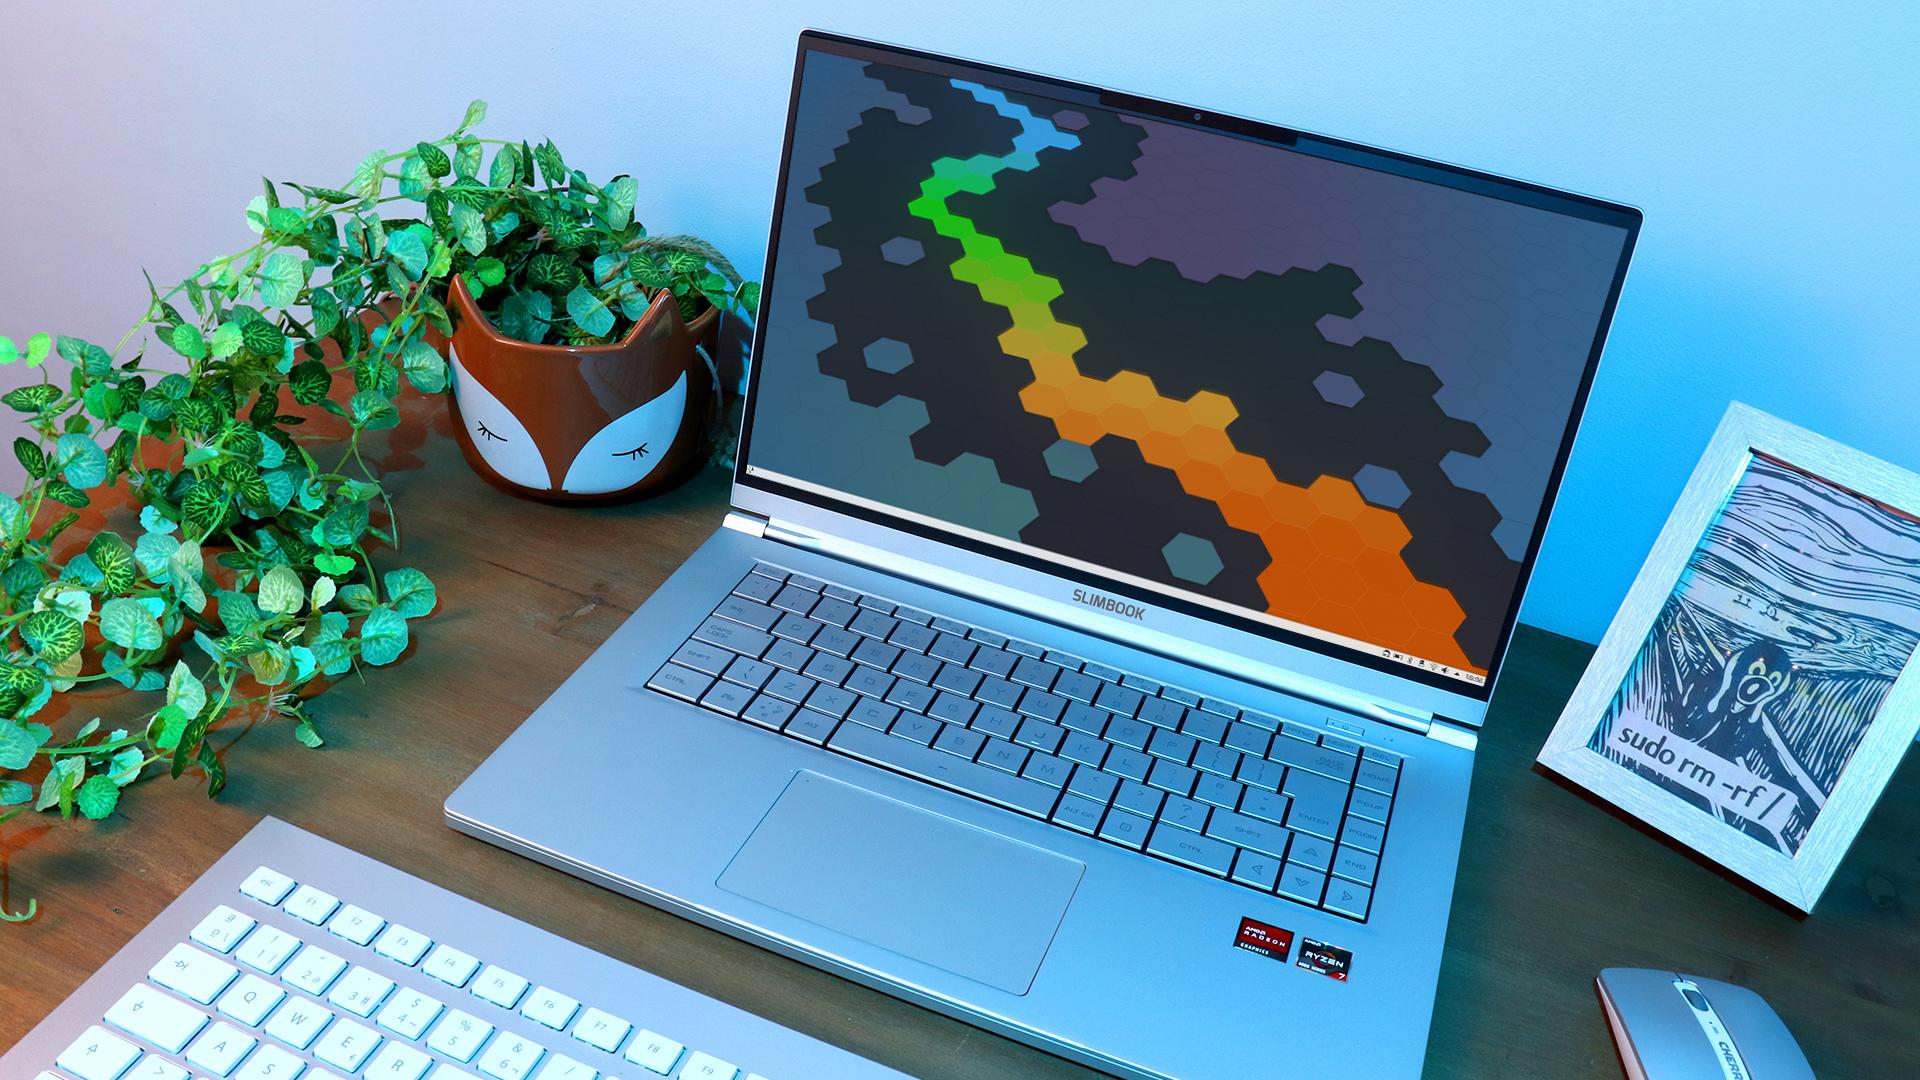 Slimbook con KDE Plasma